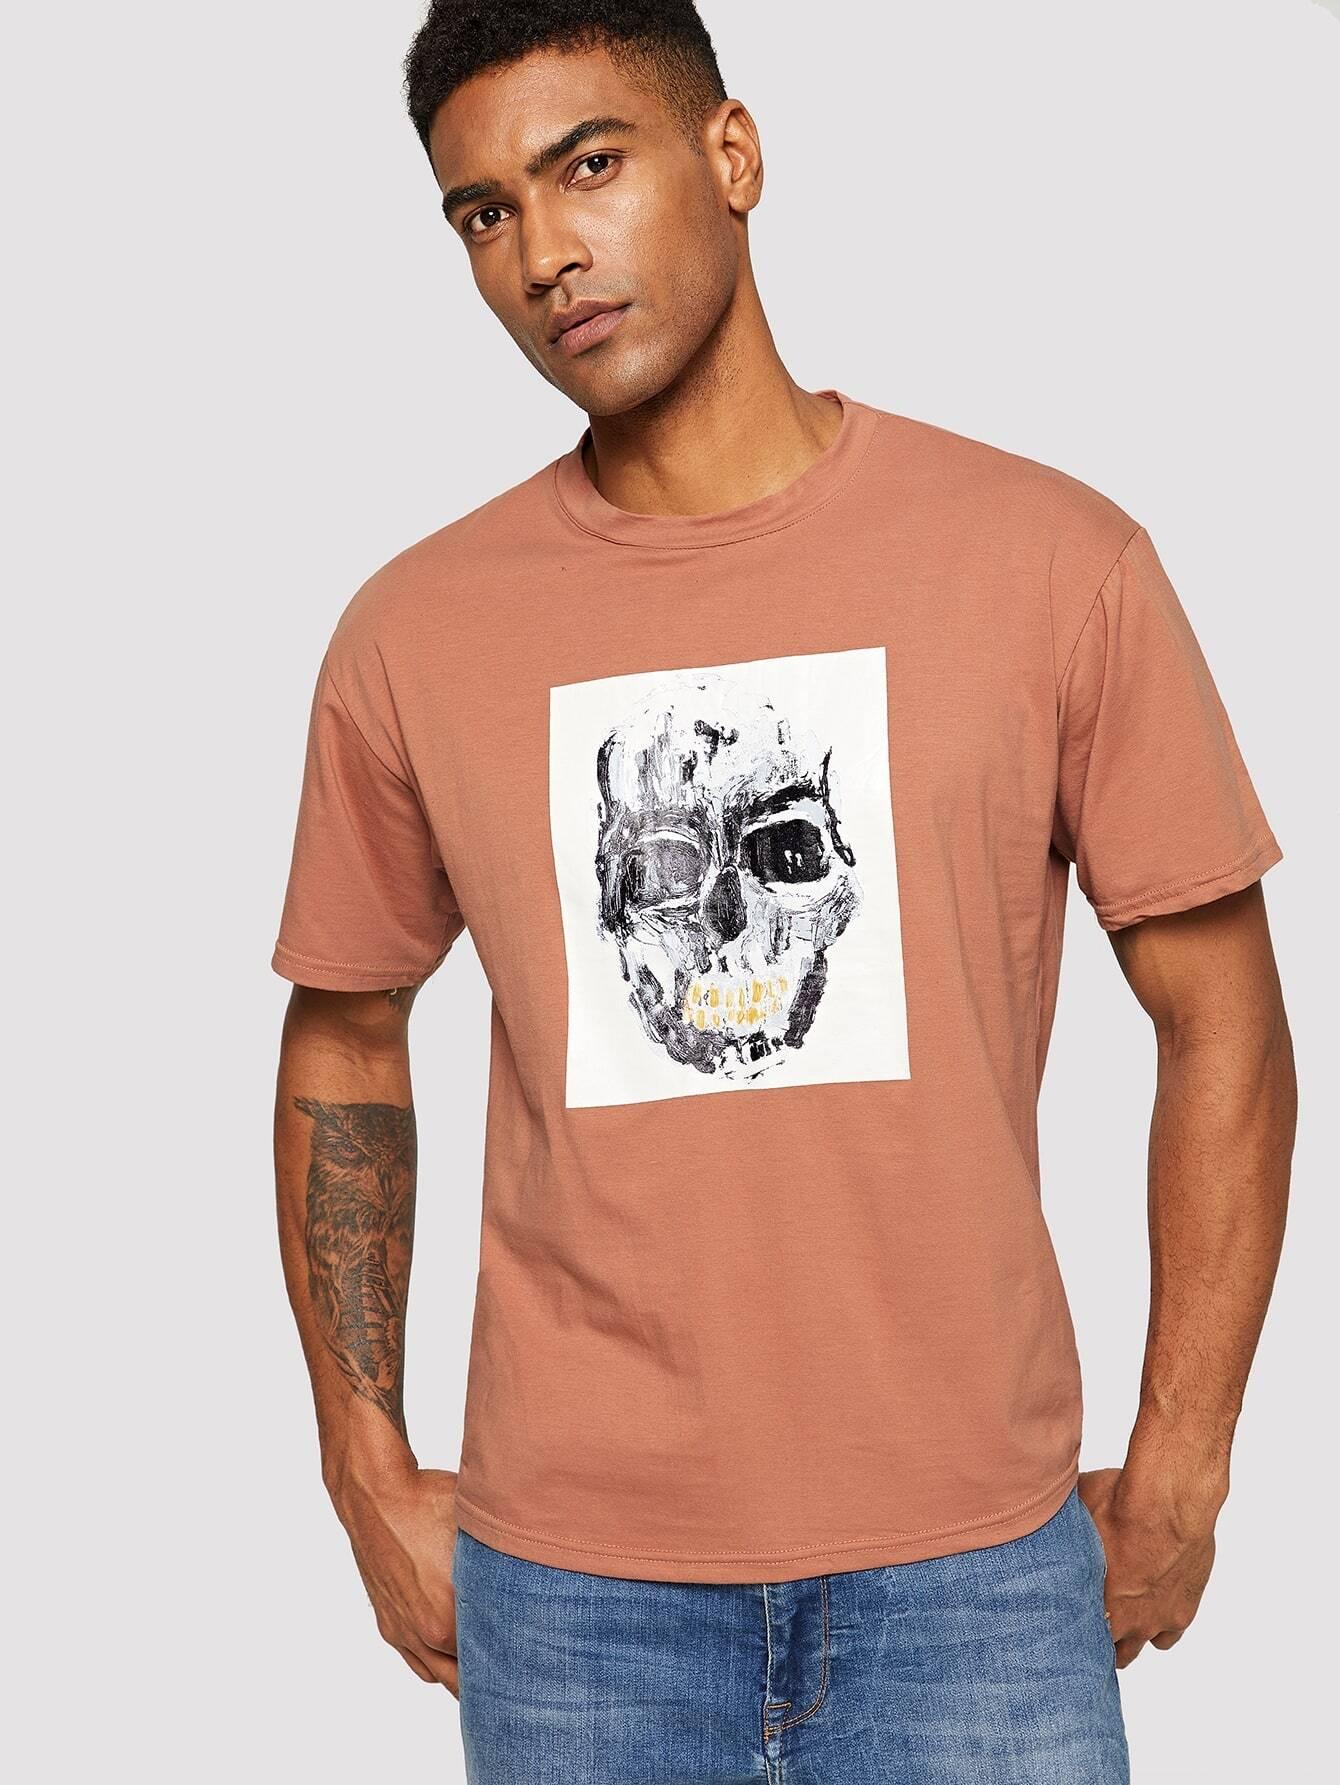 Купить Мужская футболка с принтом чепера, Johnn Silva, SheIn